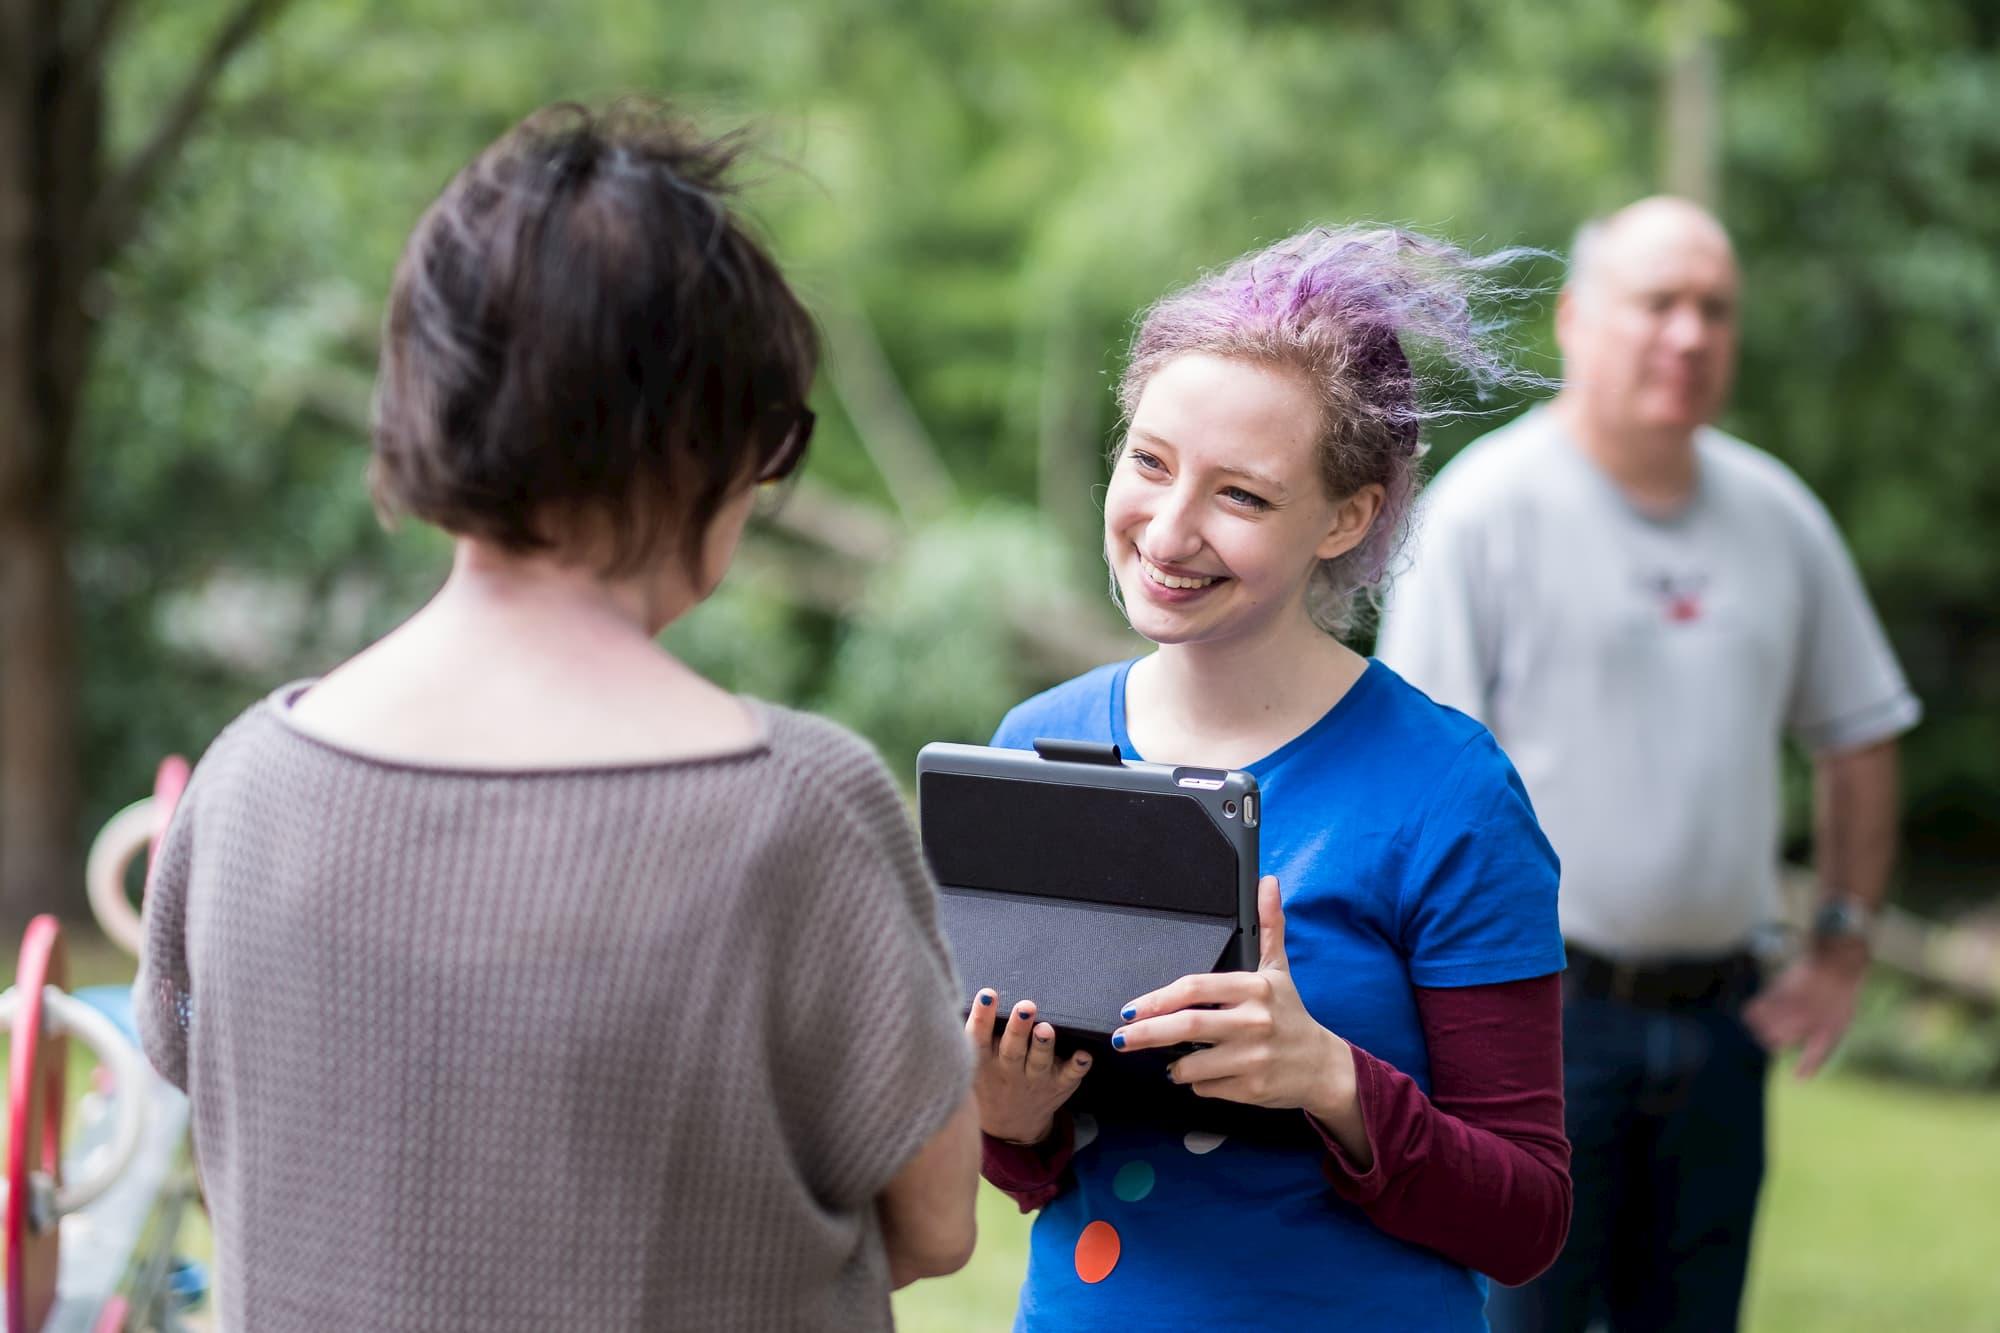 Eine Mitarbeiterin unterhält sich mit einer Bürgerin und hält dabei das Befragungs-Tablet in der Hand